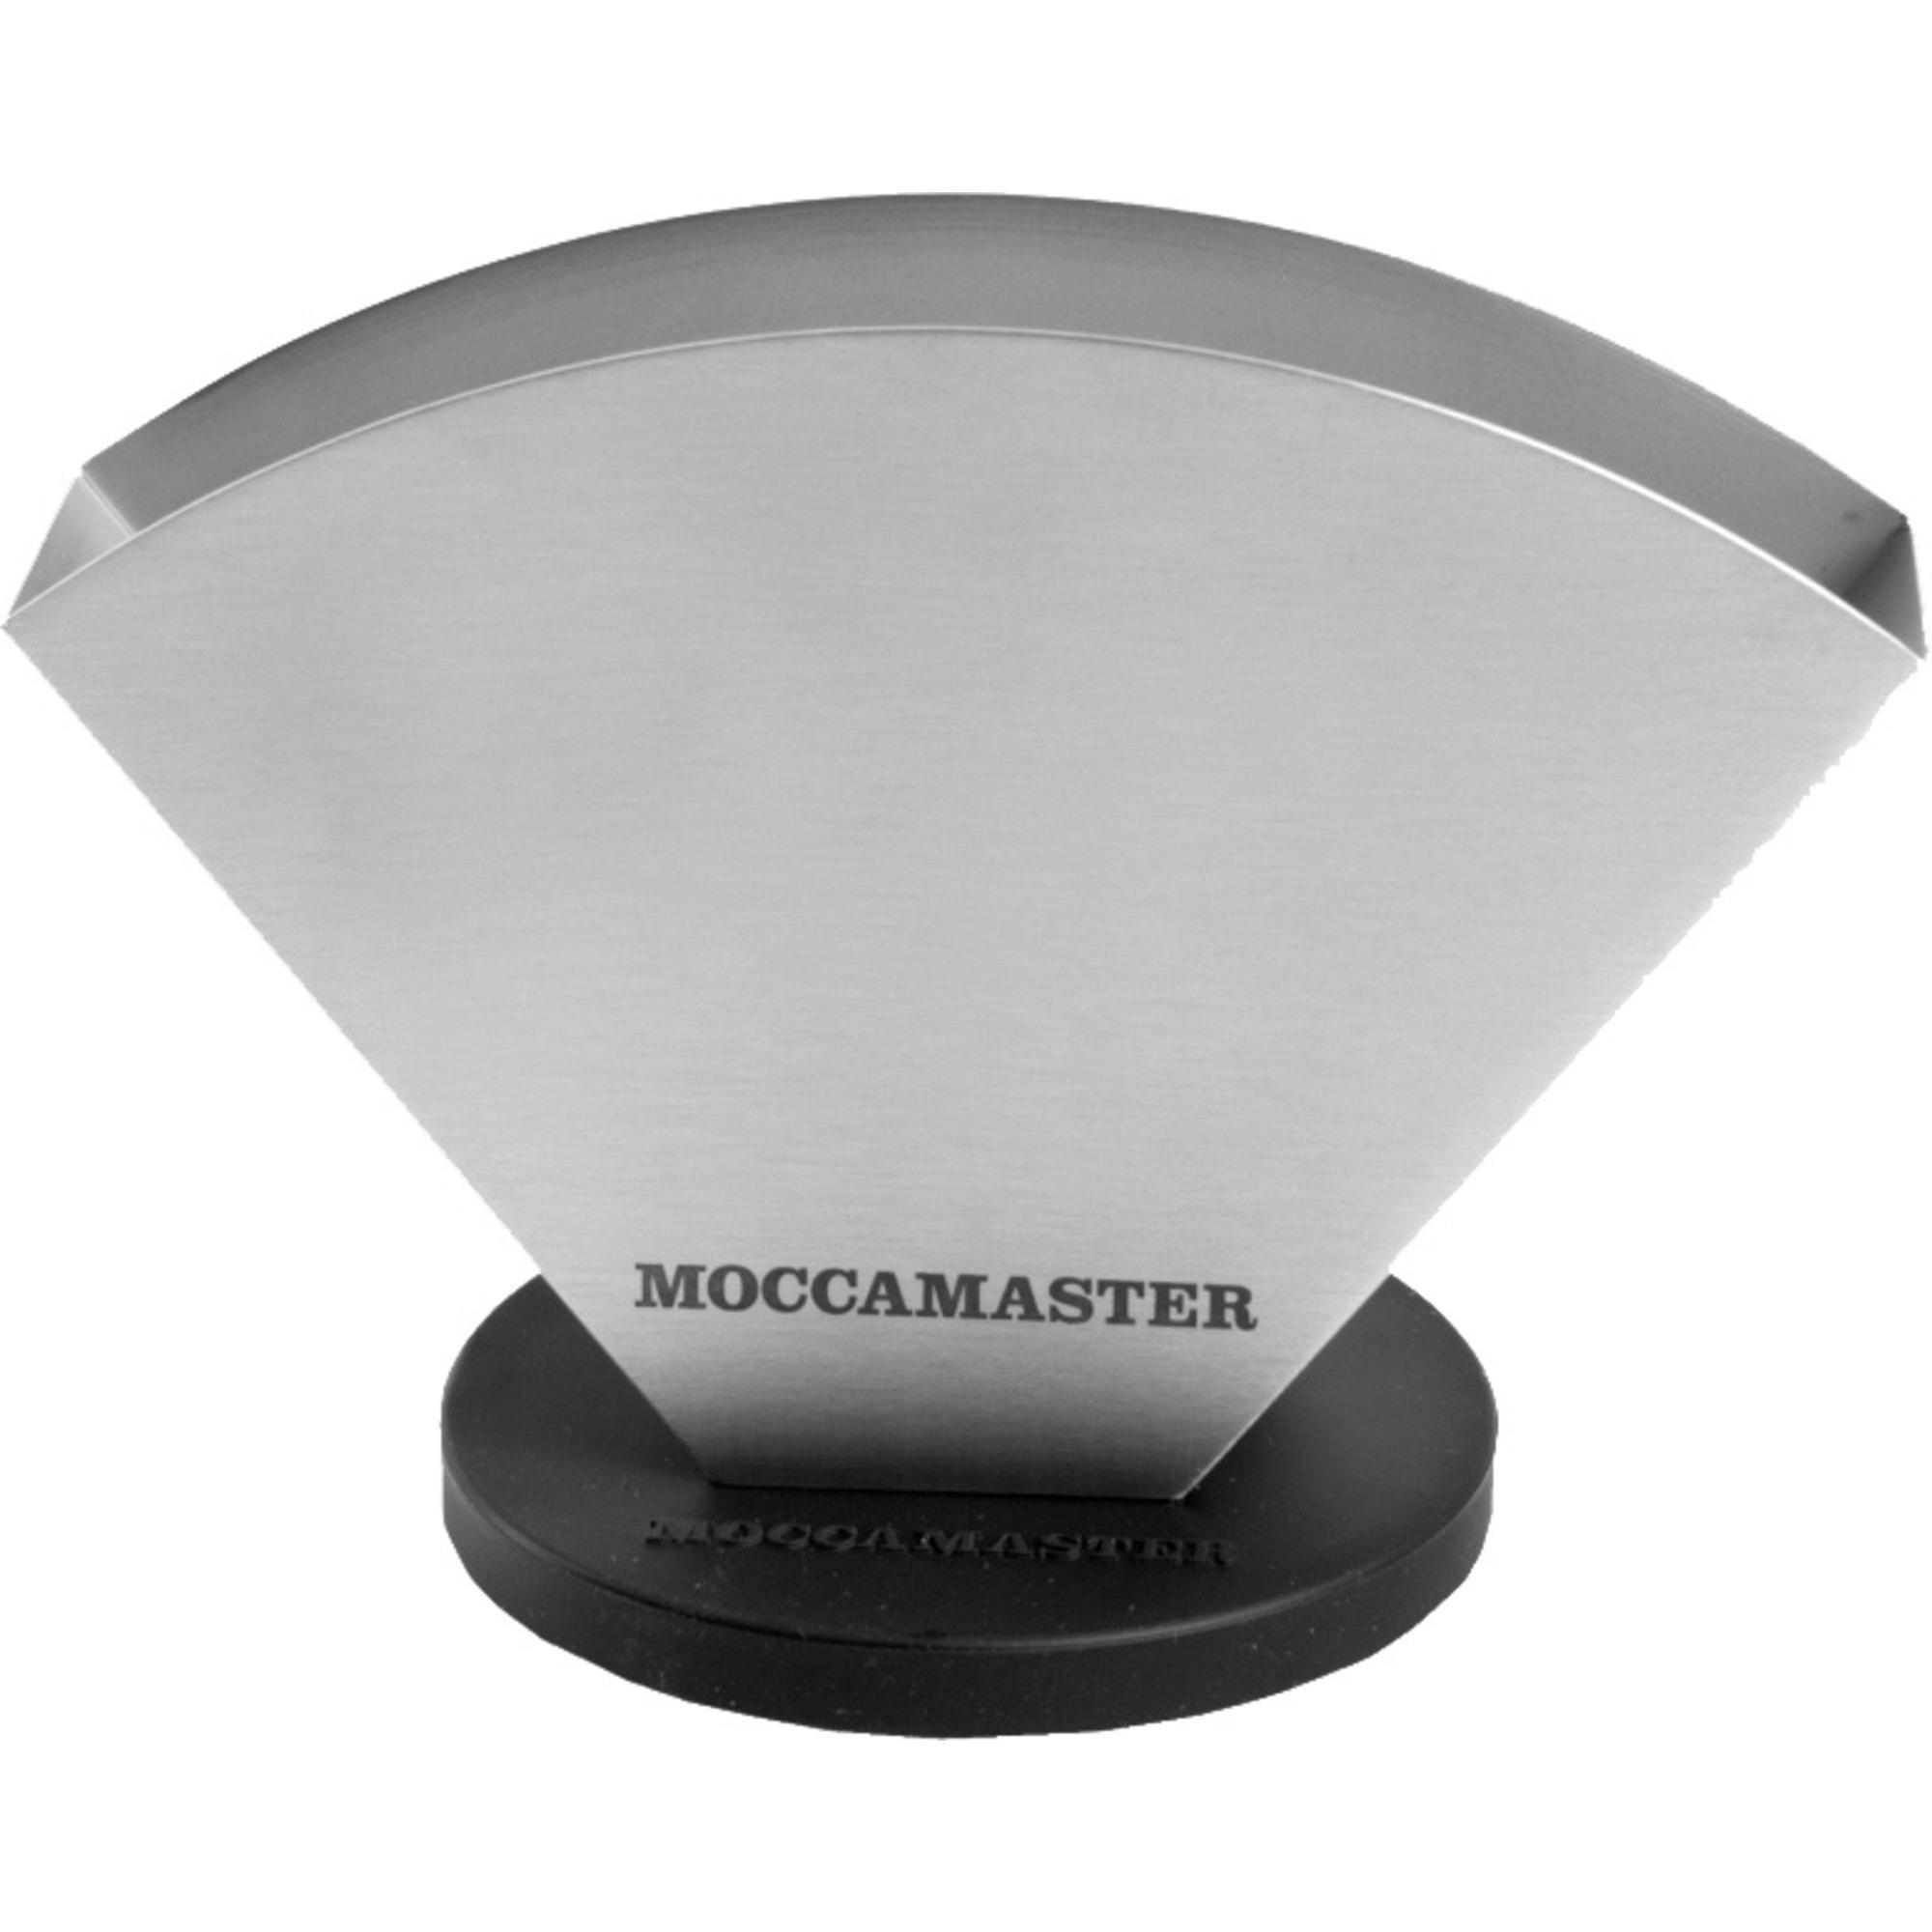 Moccamaster Filterhållare Rostfritt Stål